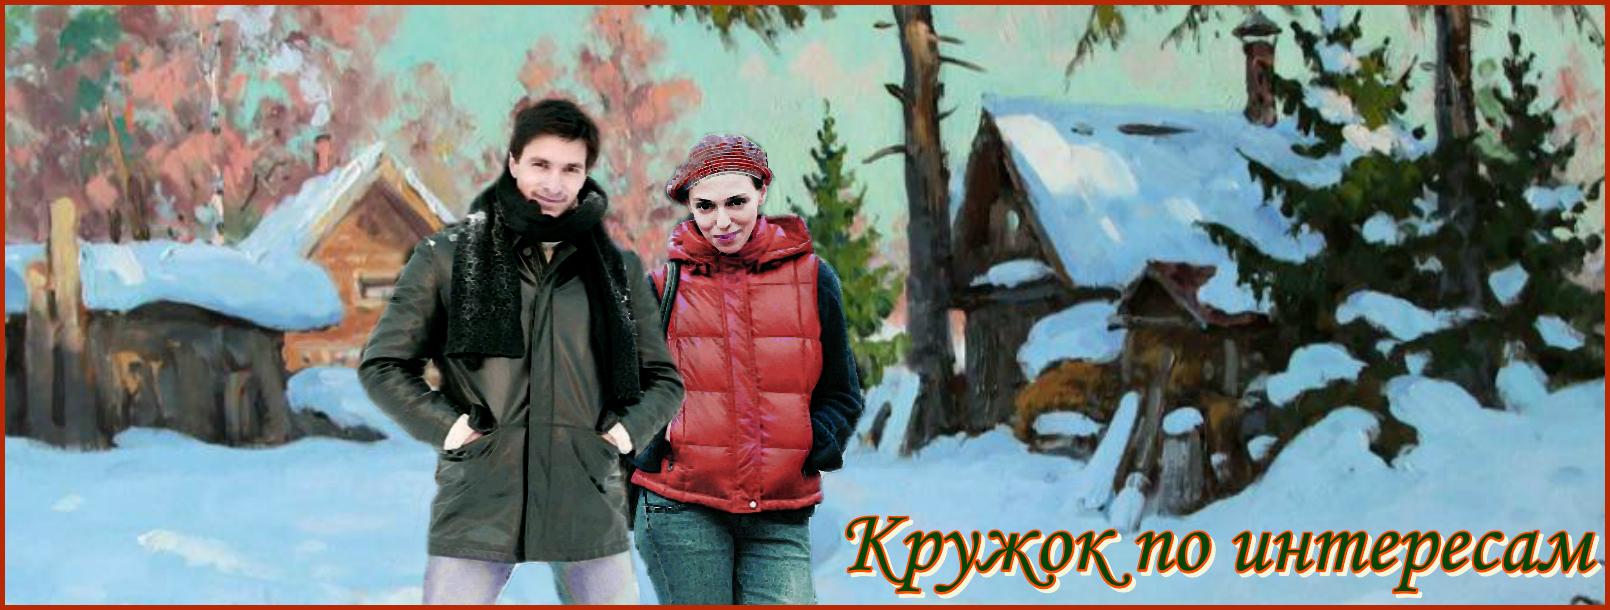 http://s3.uploads.ru/tksnG.jpg